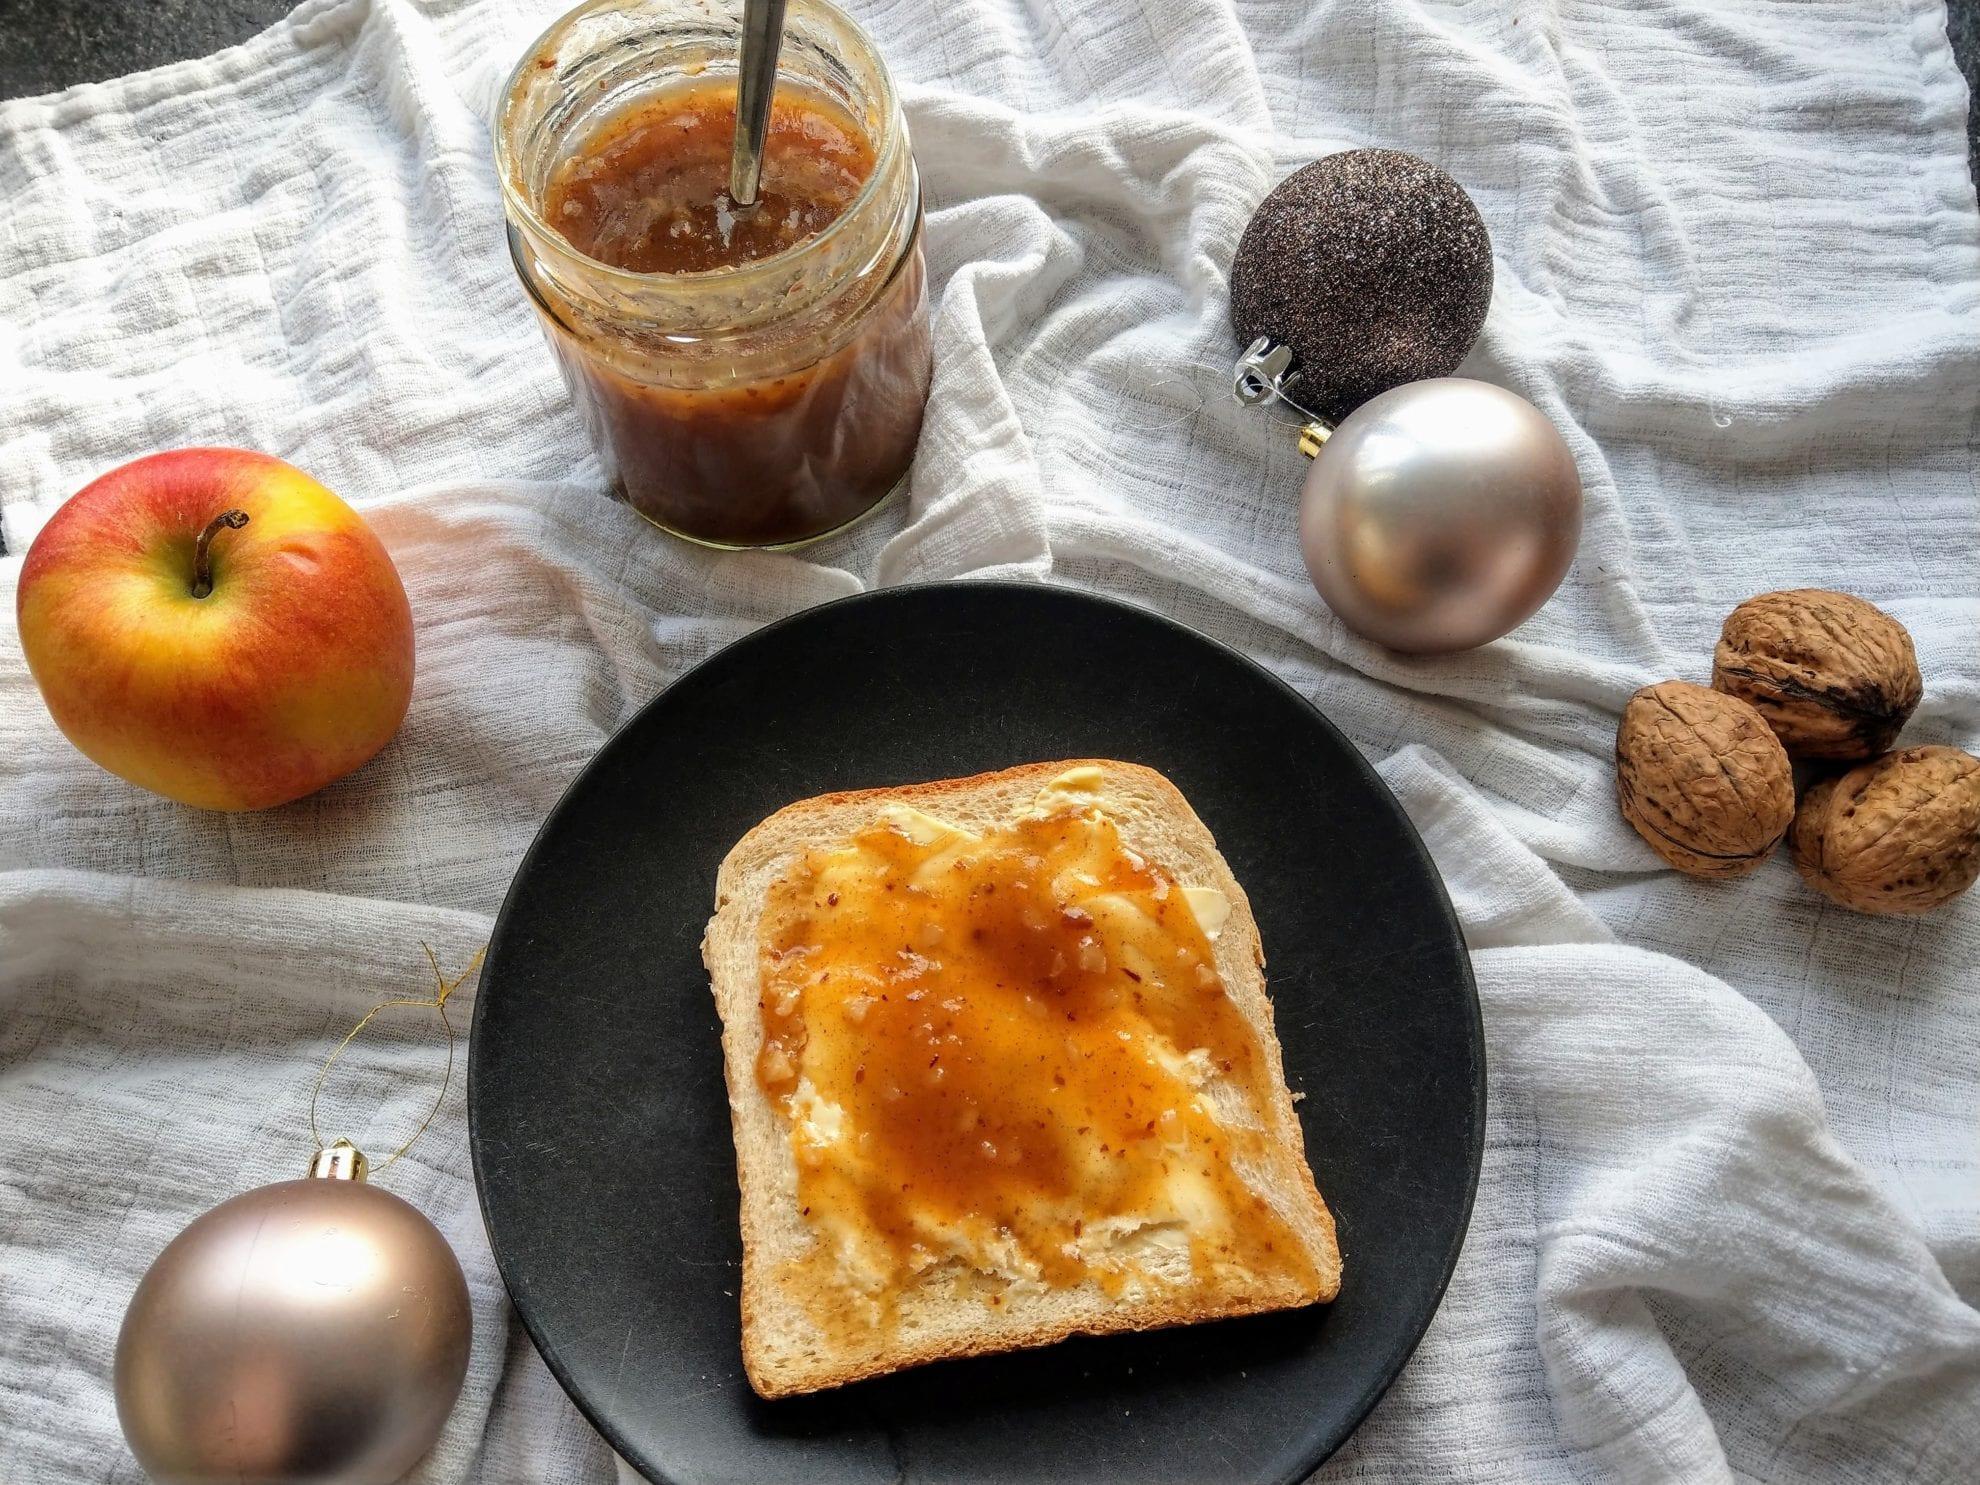 Rezept für Bratapfelmarmelade, Rum, Mandeln, Äpfel, selbstgemacht, mit Liebe gemacht, Geschenkidee, Geschenk